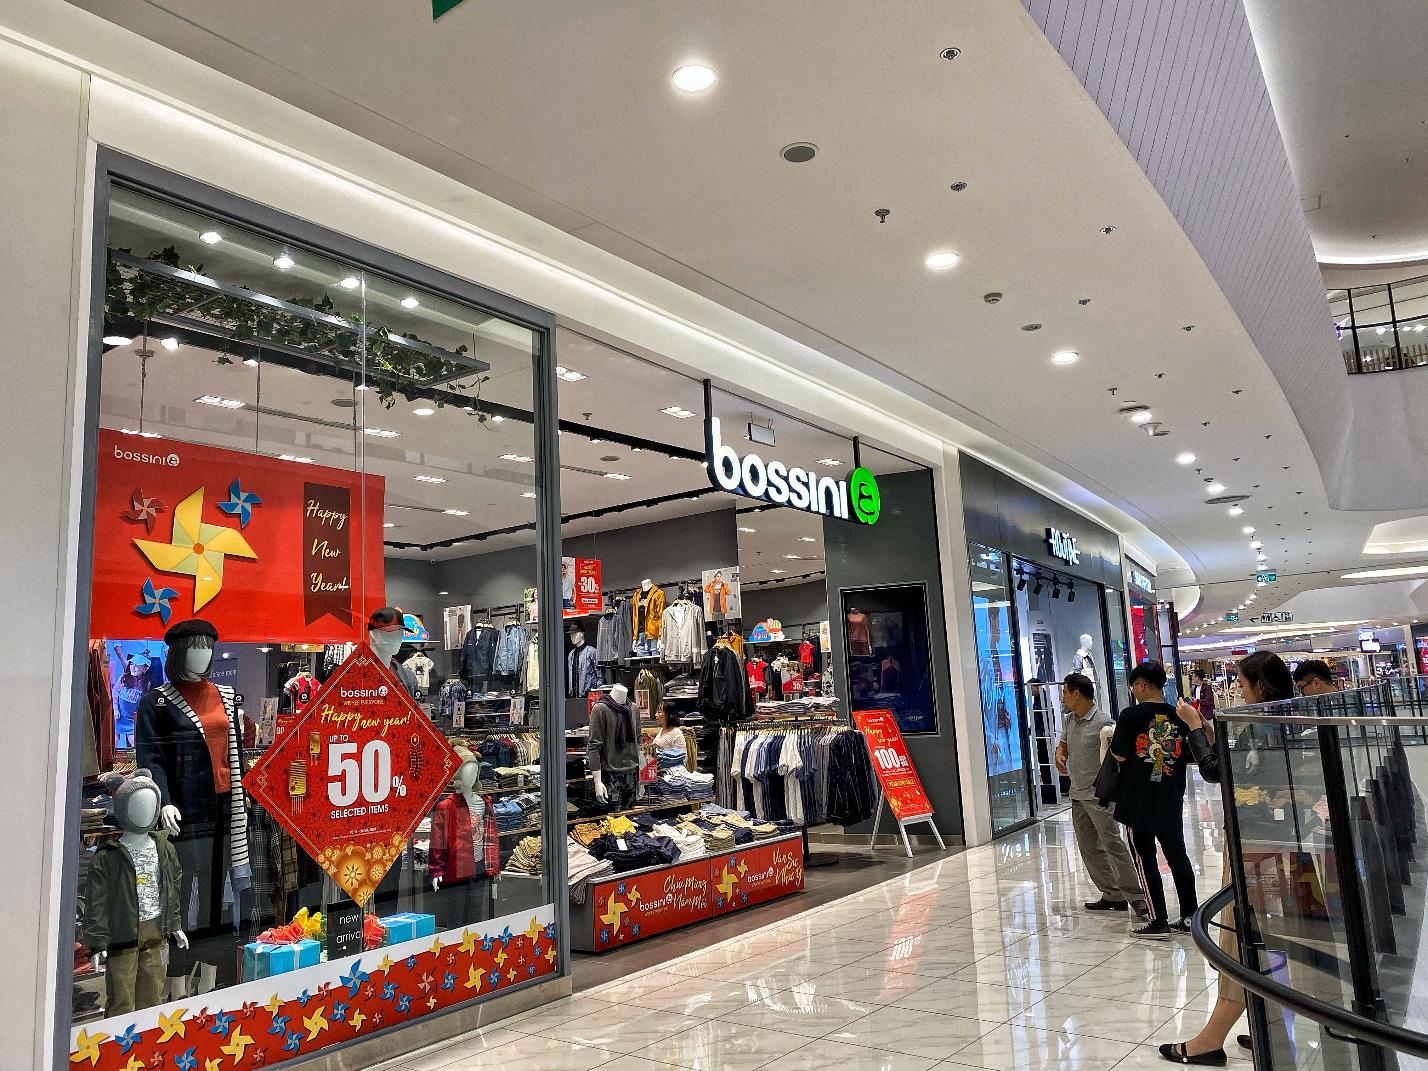 Trung tâm thương mại nhộn nhịp ngày cận Tết, ăn chơi, mua sắm thả ga mà vẫn thỏa sức vui - Ảnh 1.